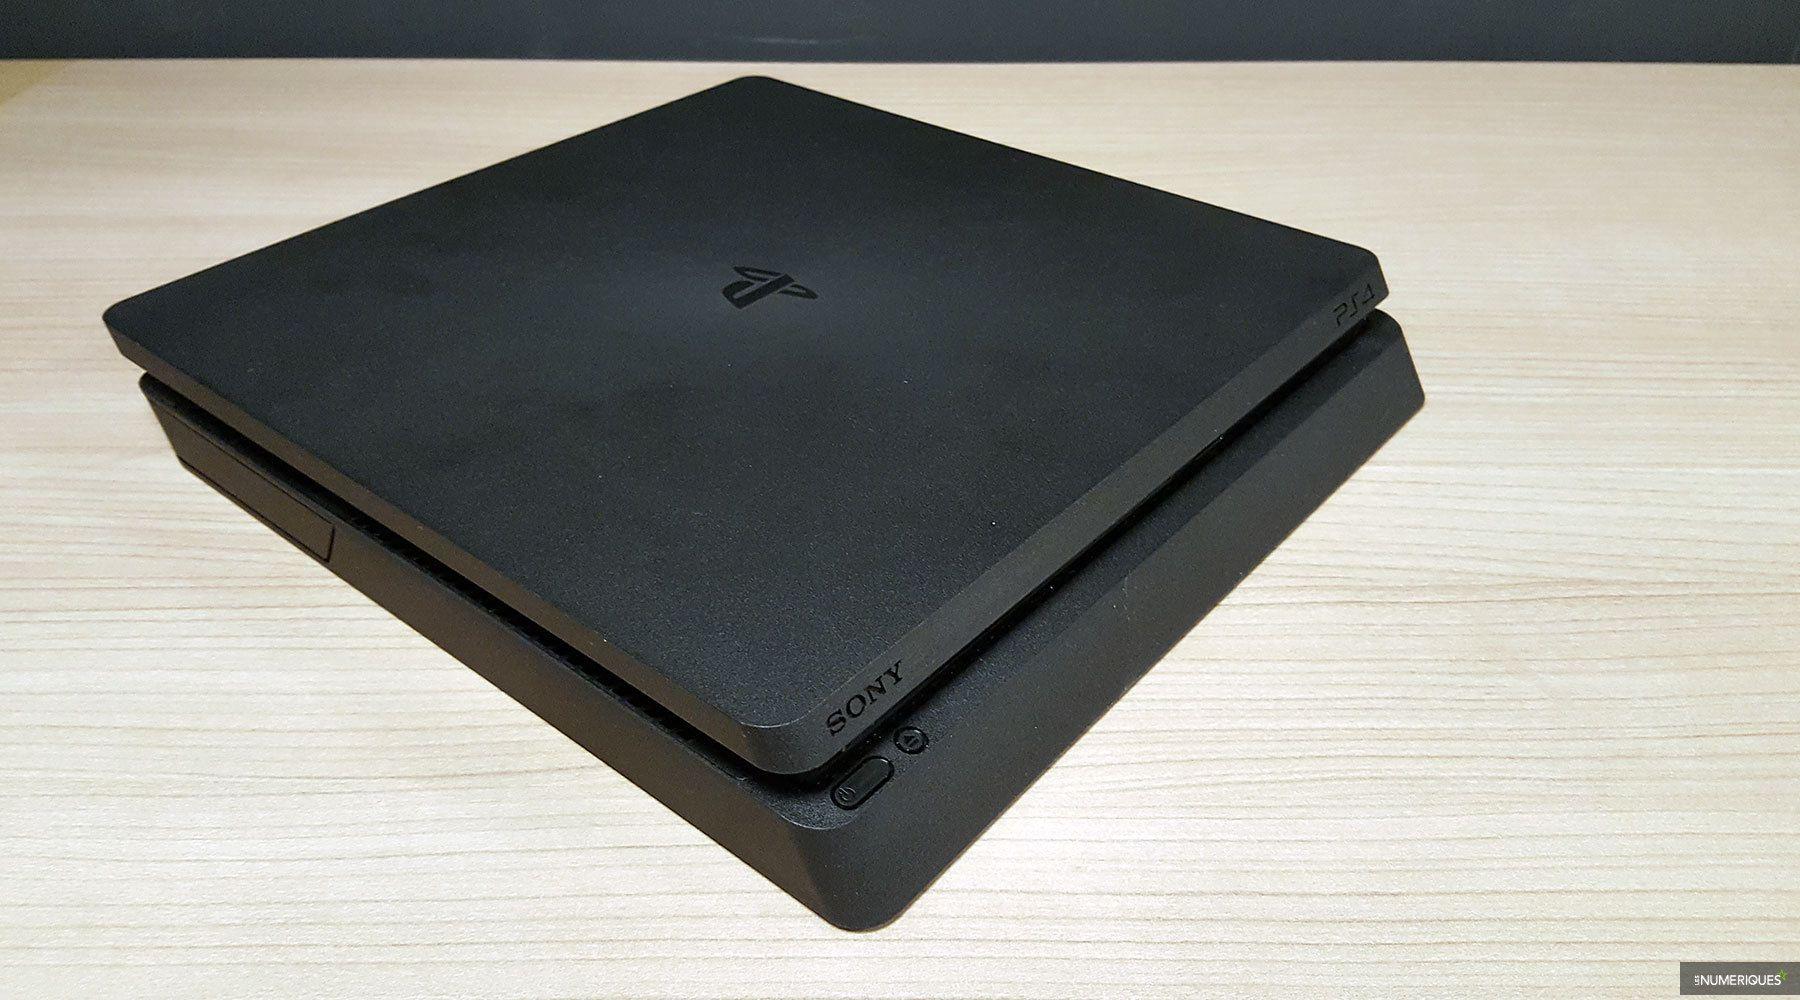 sony playstation 4 slim test complet console de jeu les num riques. Black Bedroom Furniture Sets. Home Design Ideas